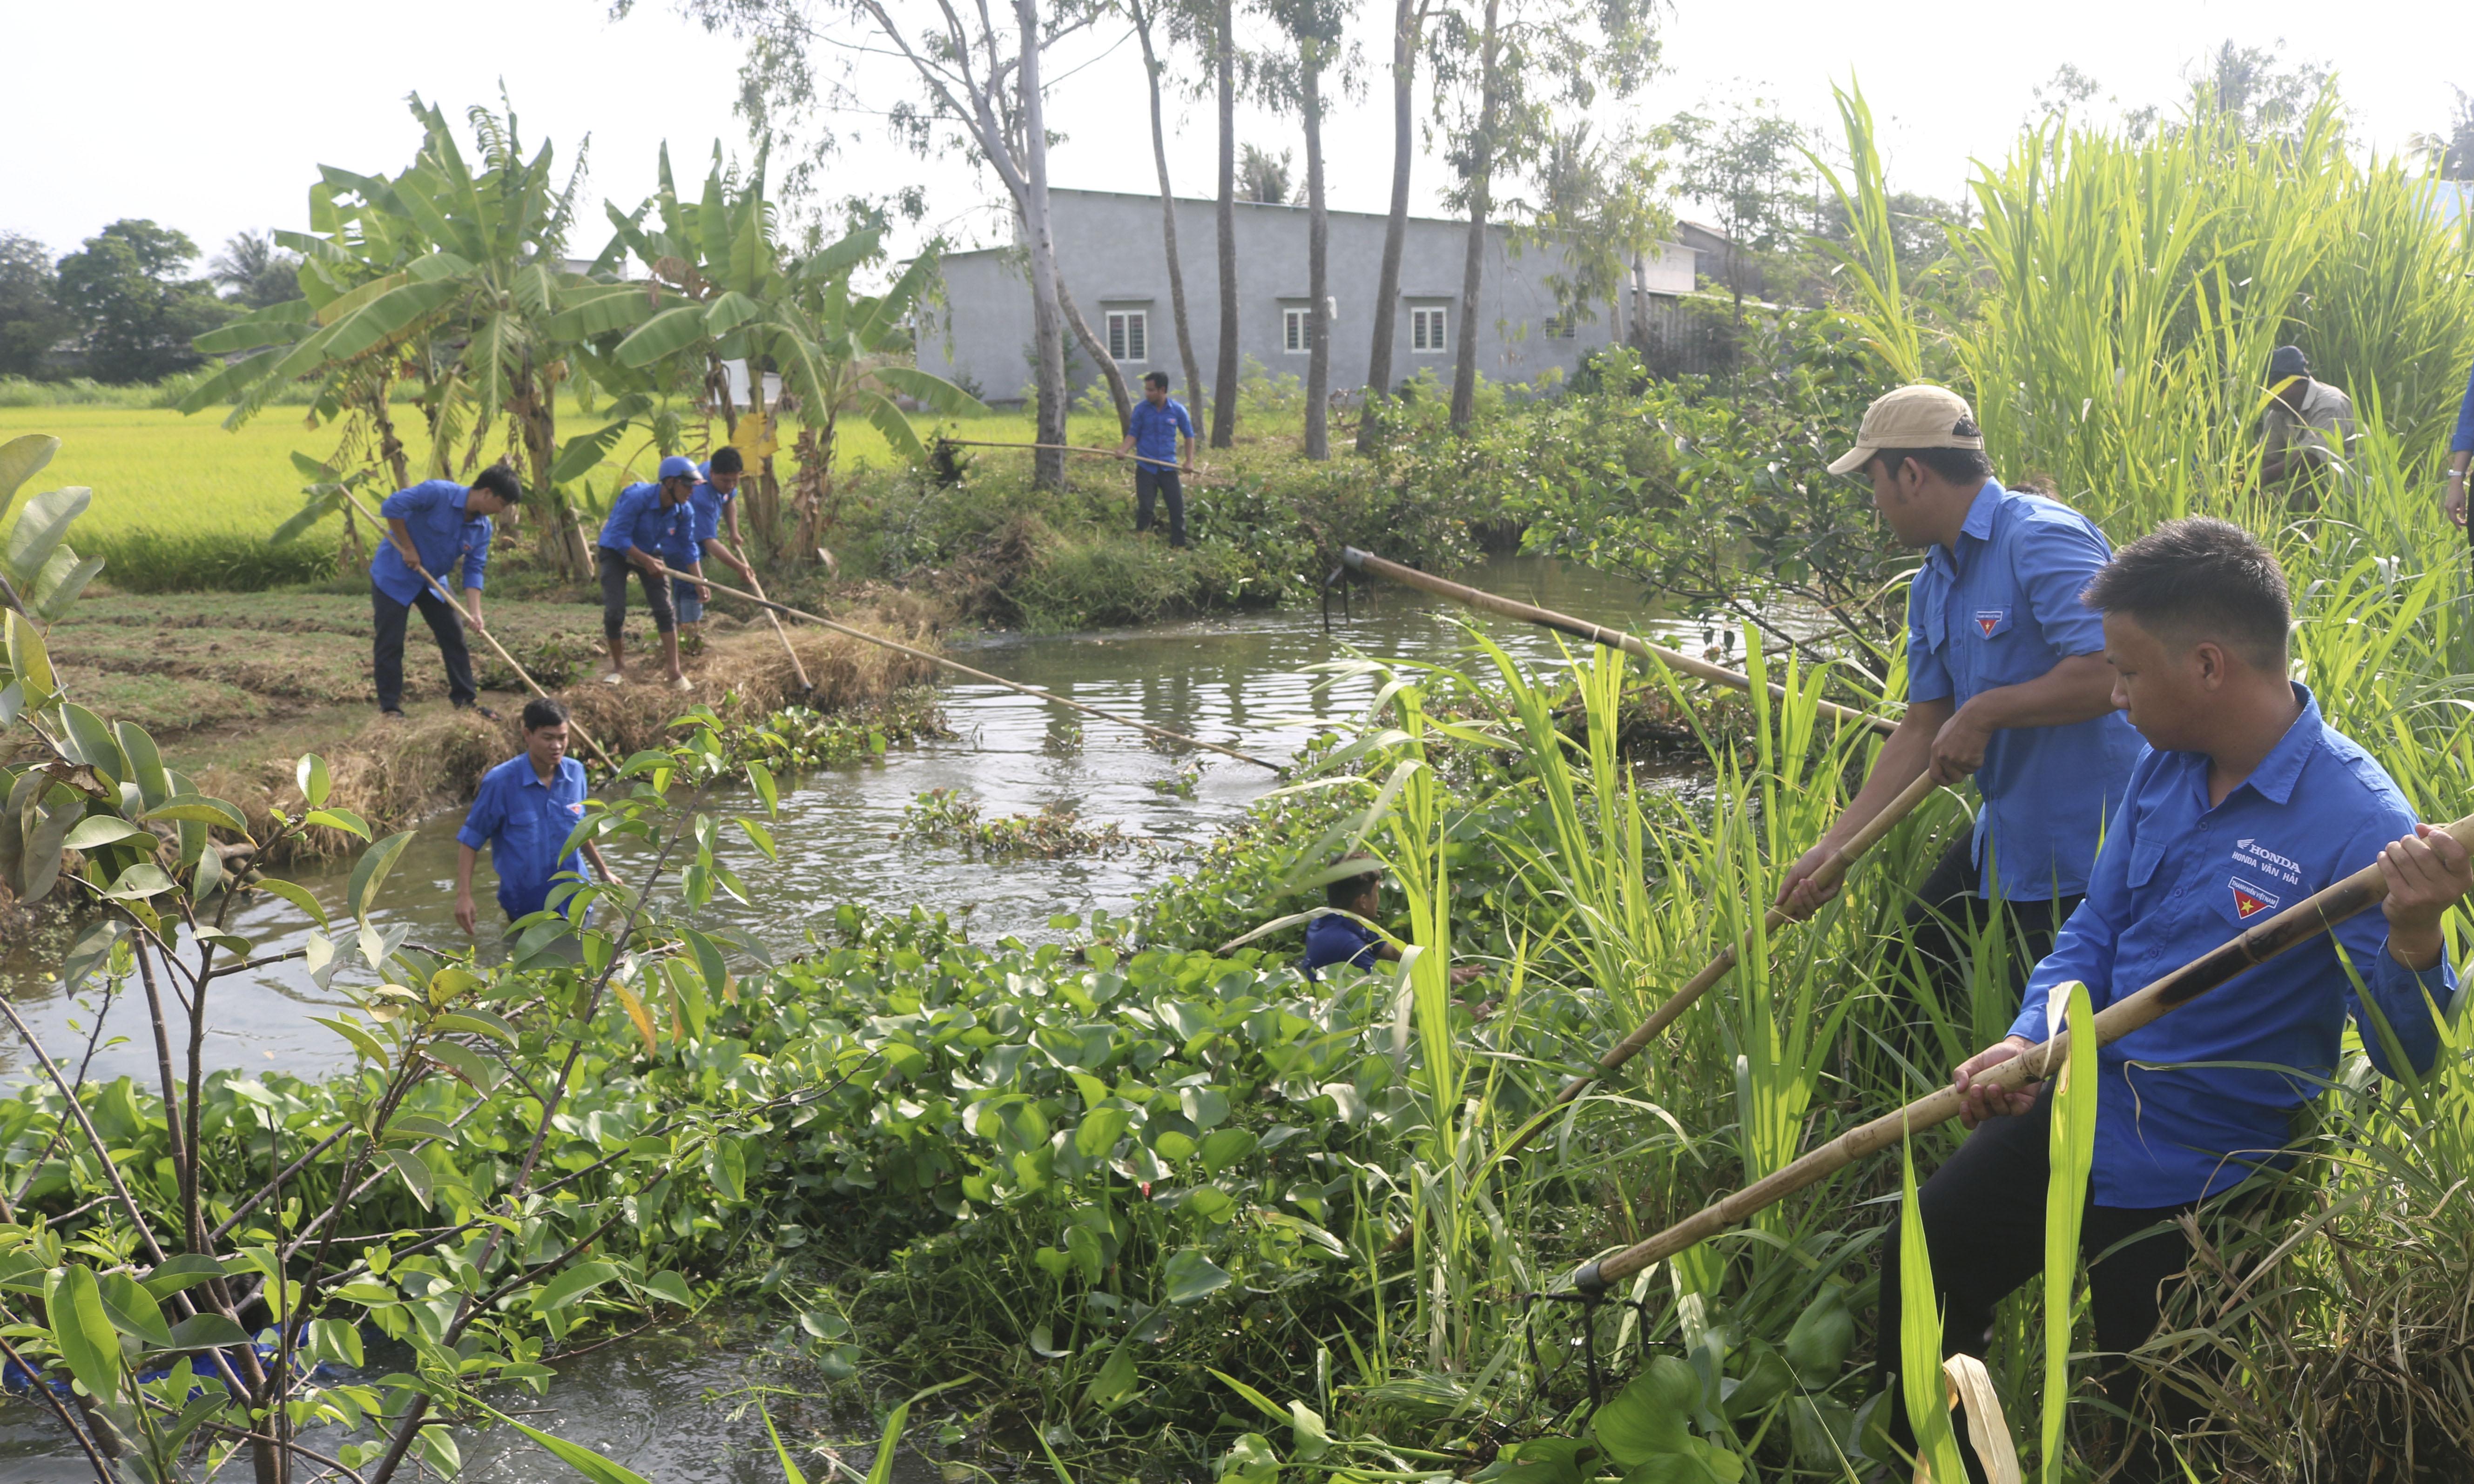 """xã Yên Luông ra quân thực hiện công trình thanh niên """"Vì môi trường sống an toàn"""" trục vớt lục bình và cỏ dại tại tuyến kênh xã Yên Luông, huyện Gò Công Tây"""